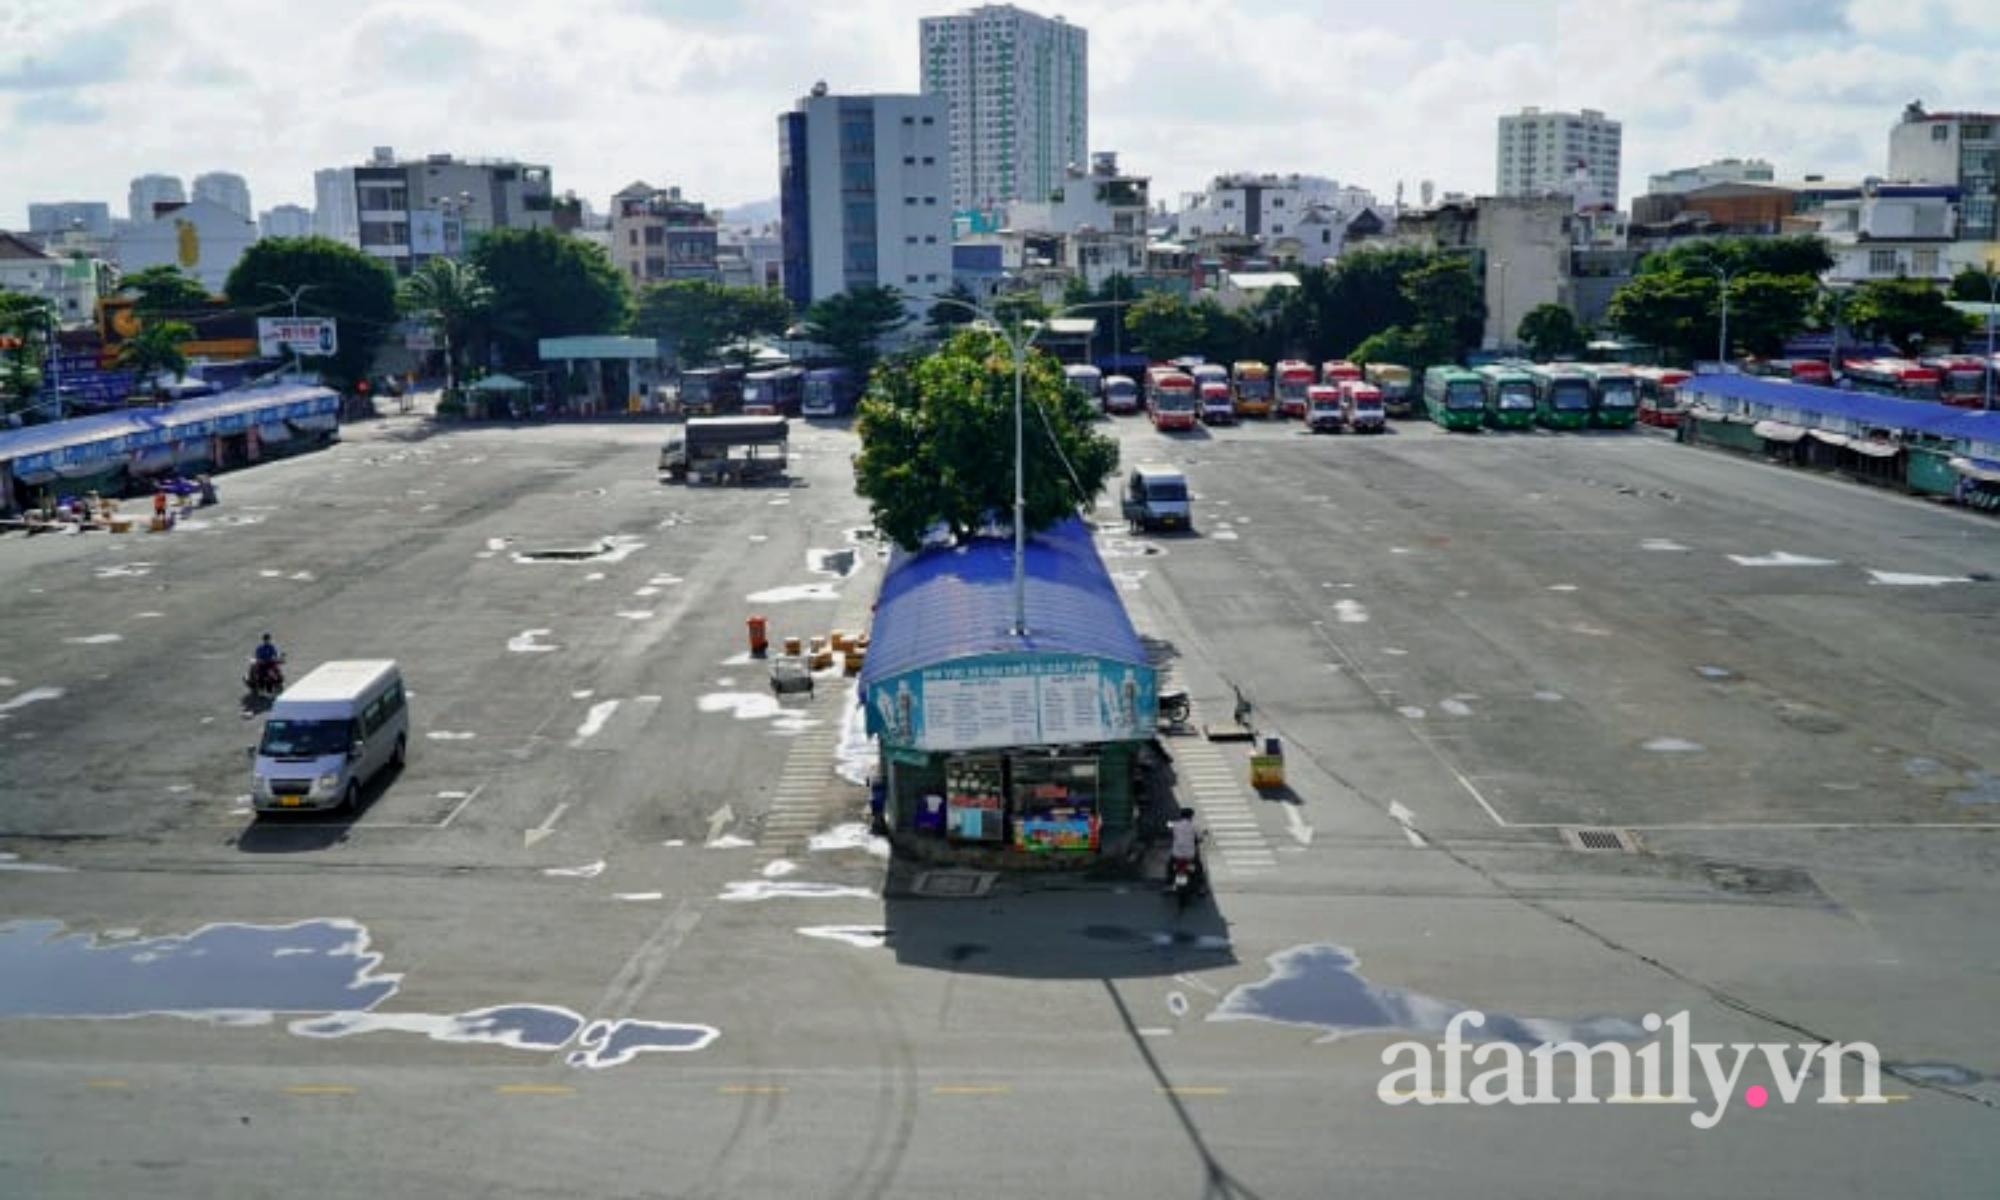 TP.HCM tái khởi động xe lửa, xe khách liên tỉnh: Nơi nhộn nhịp, nơi đìu hiu - Ảnh 3.